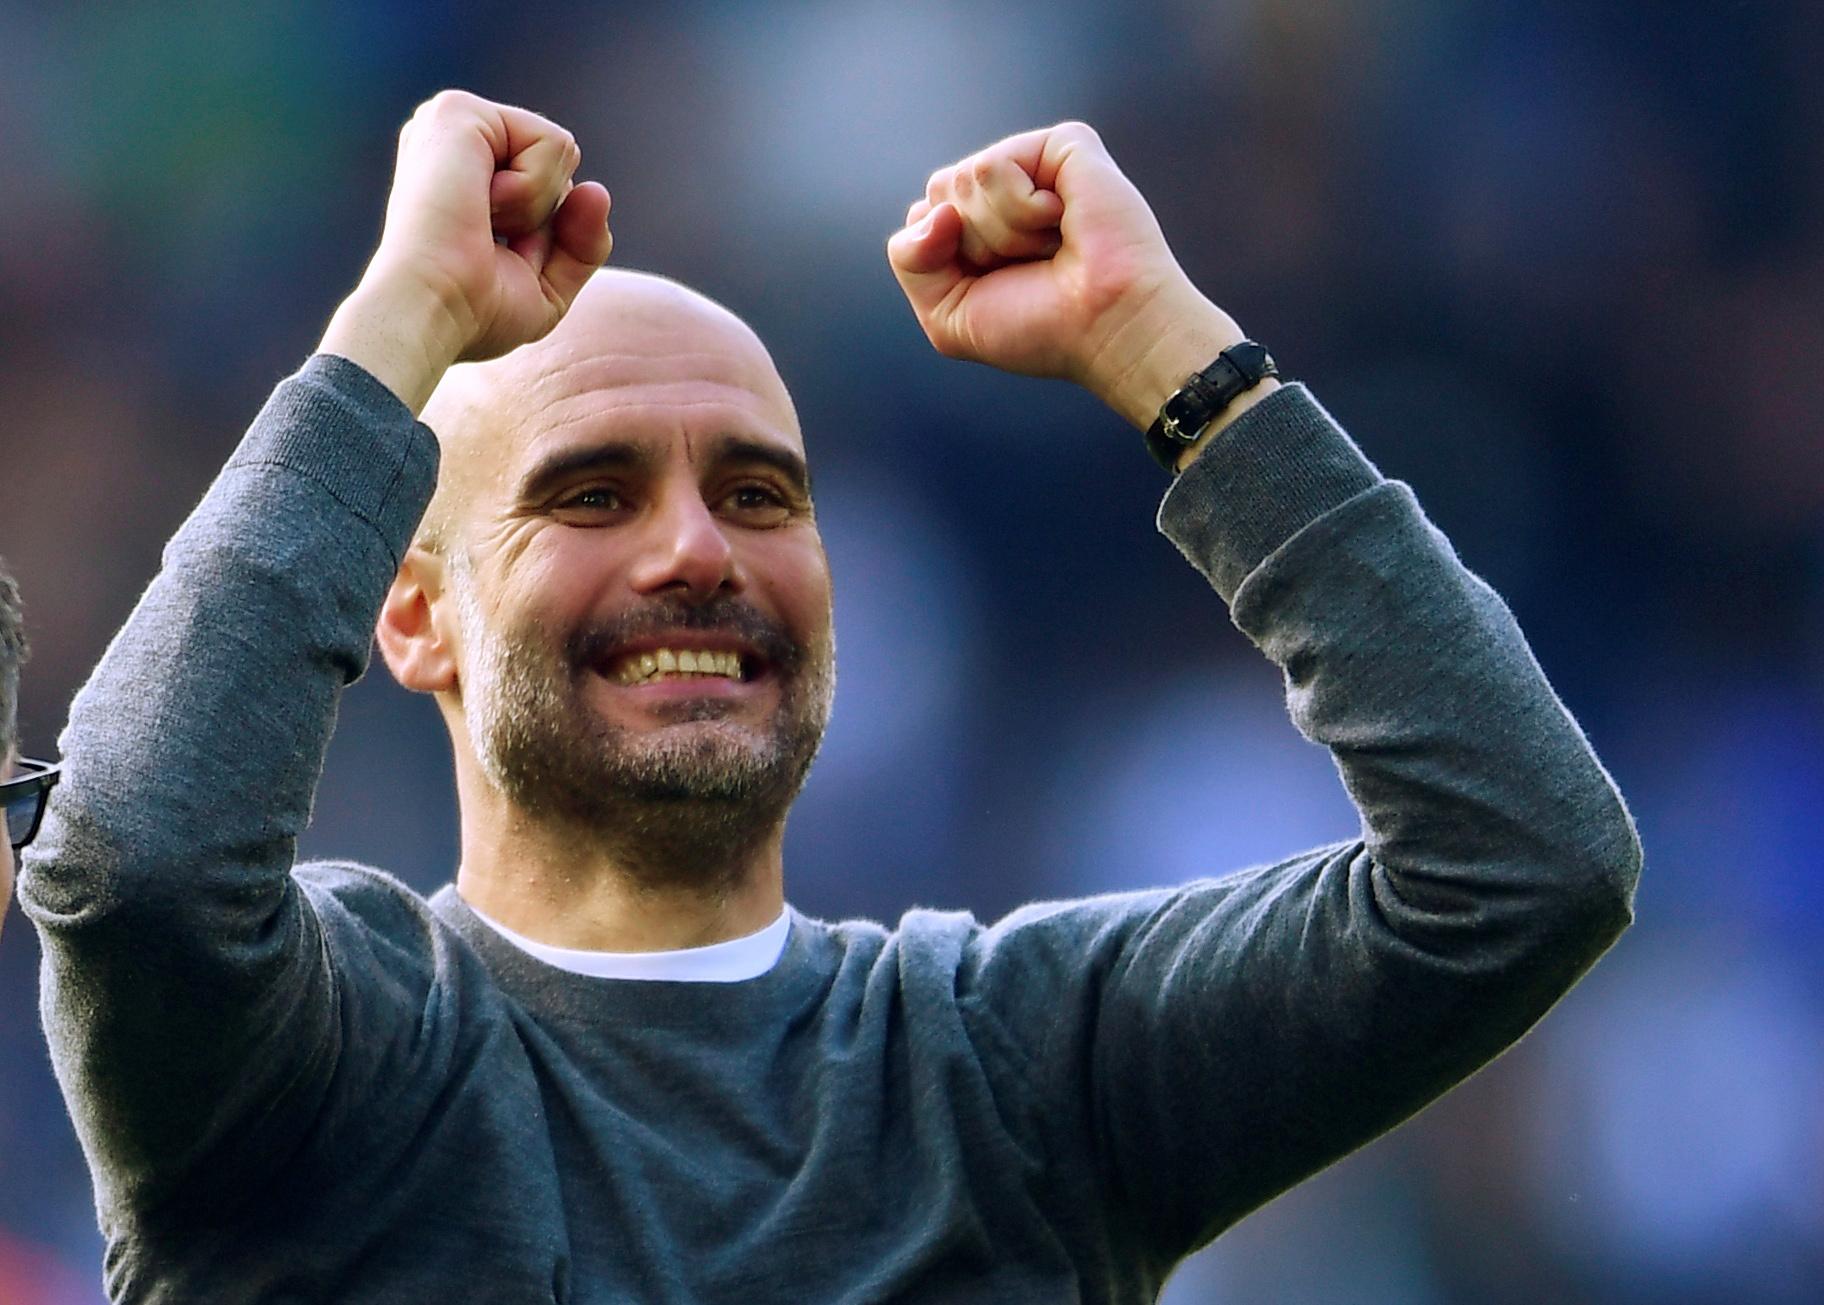 مانشستر سيتي بطل الدوري الإنجليزي (7)